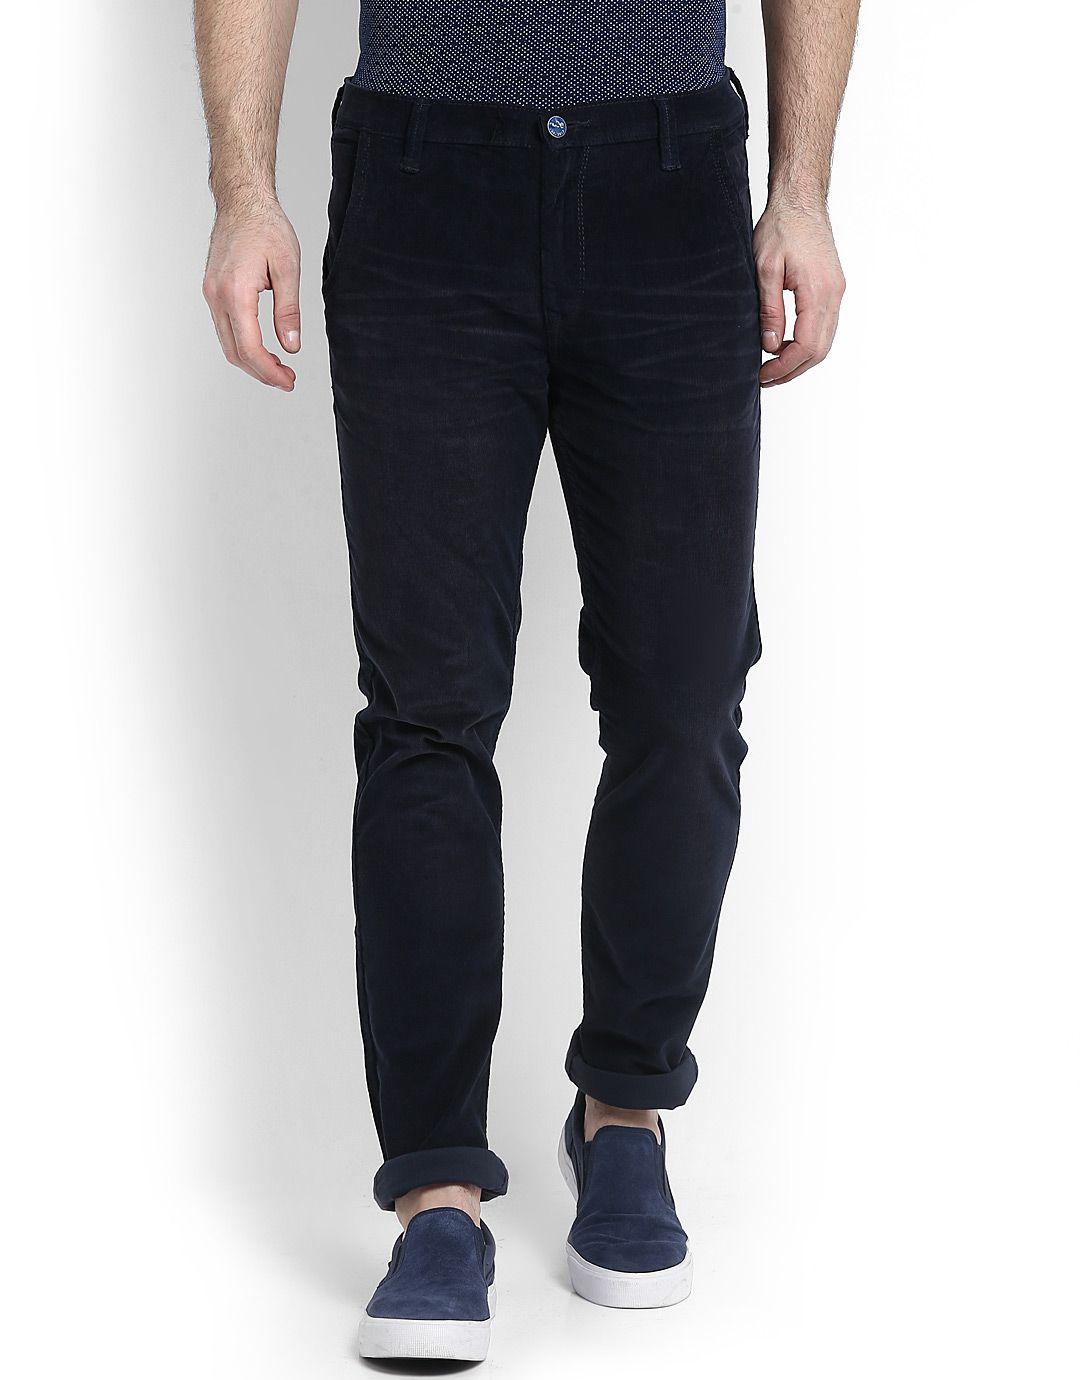 Wrangler Navy Blue Jeans